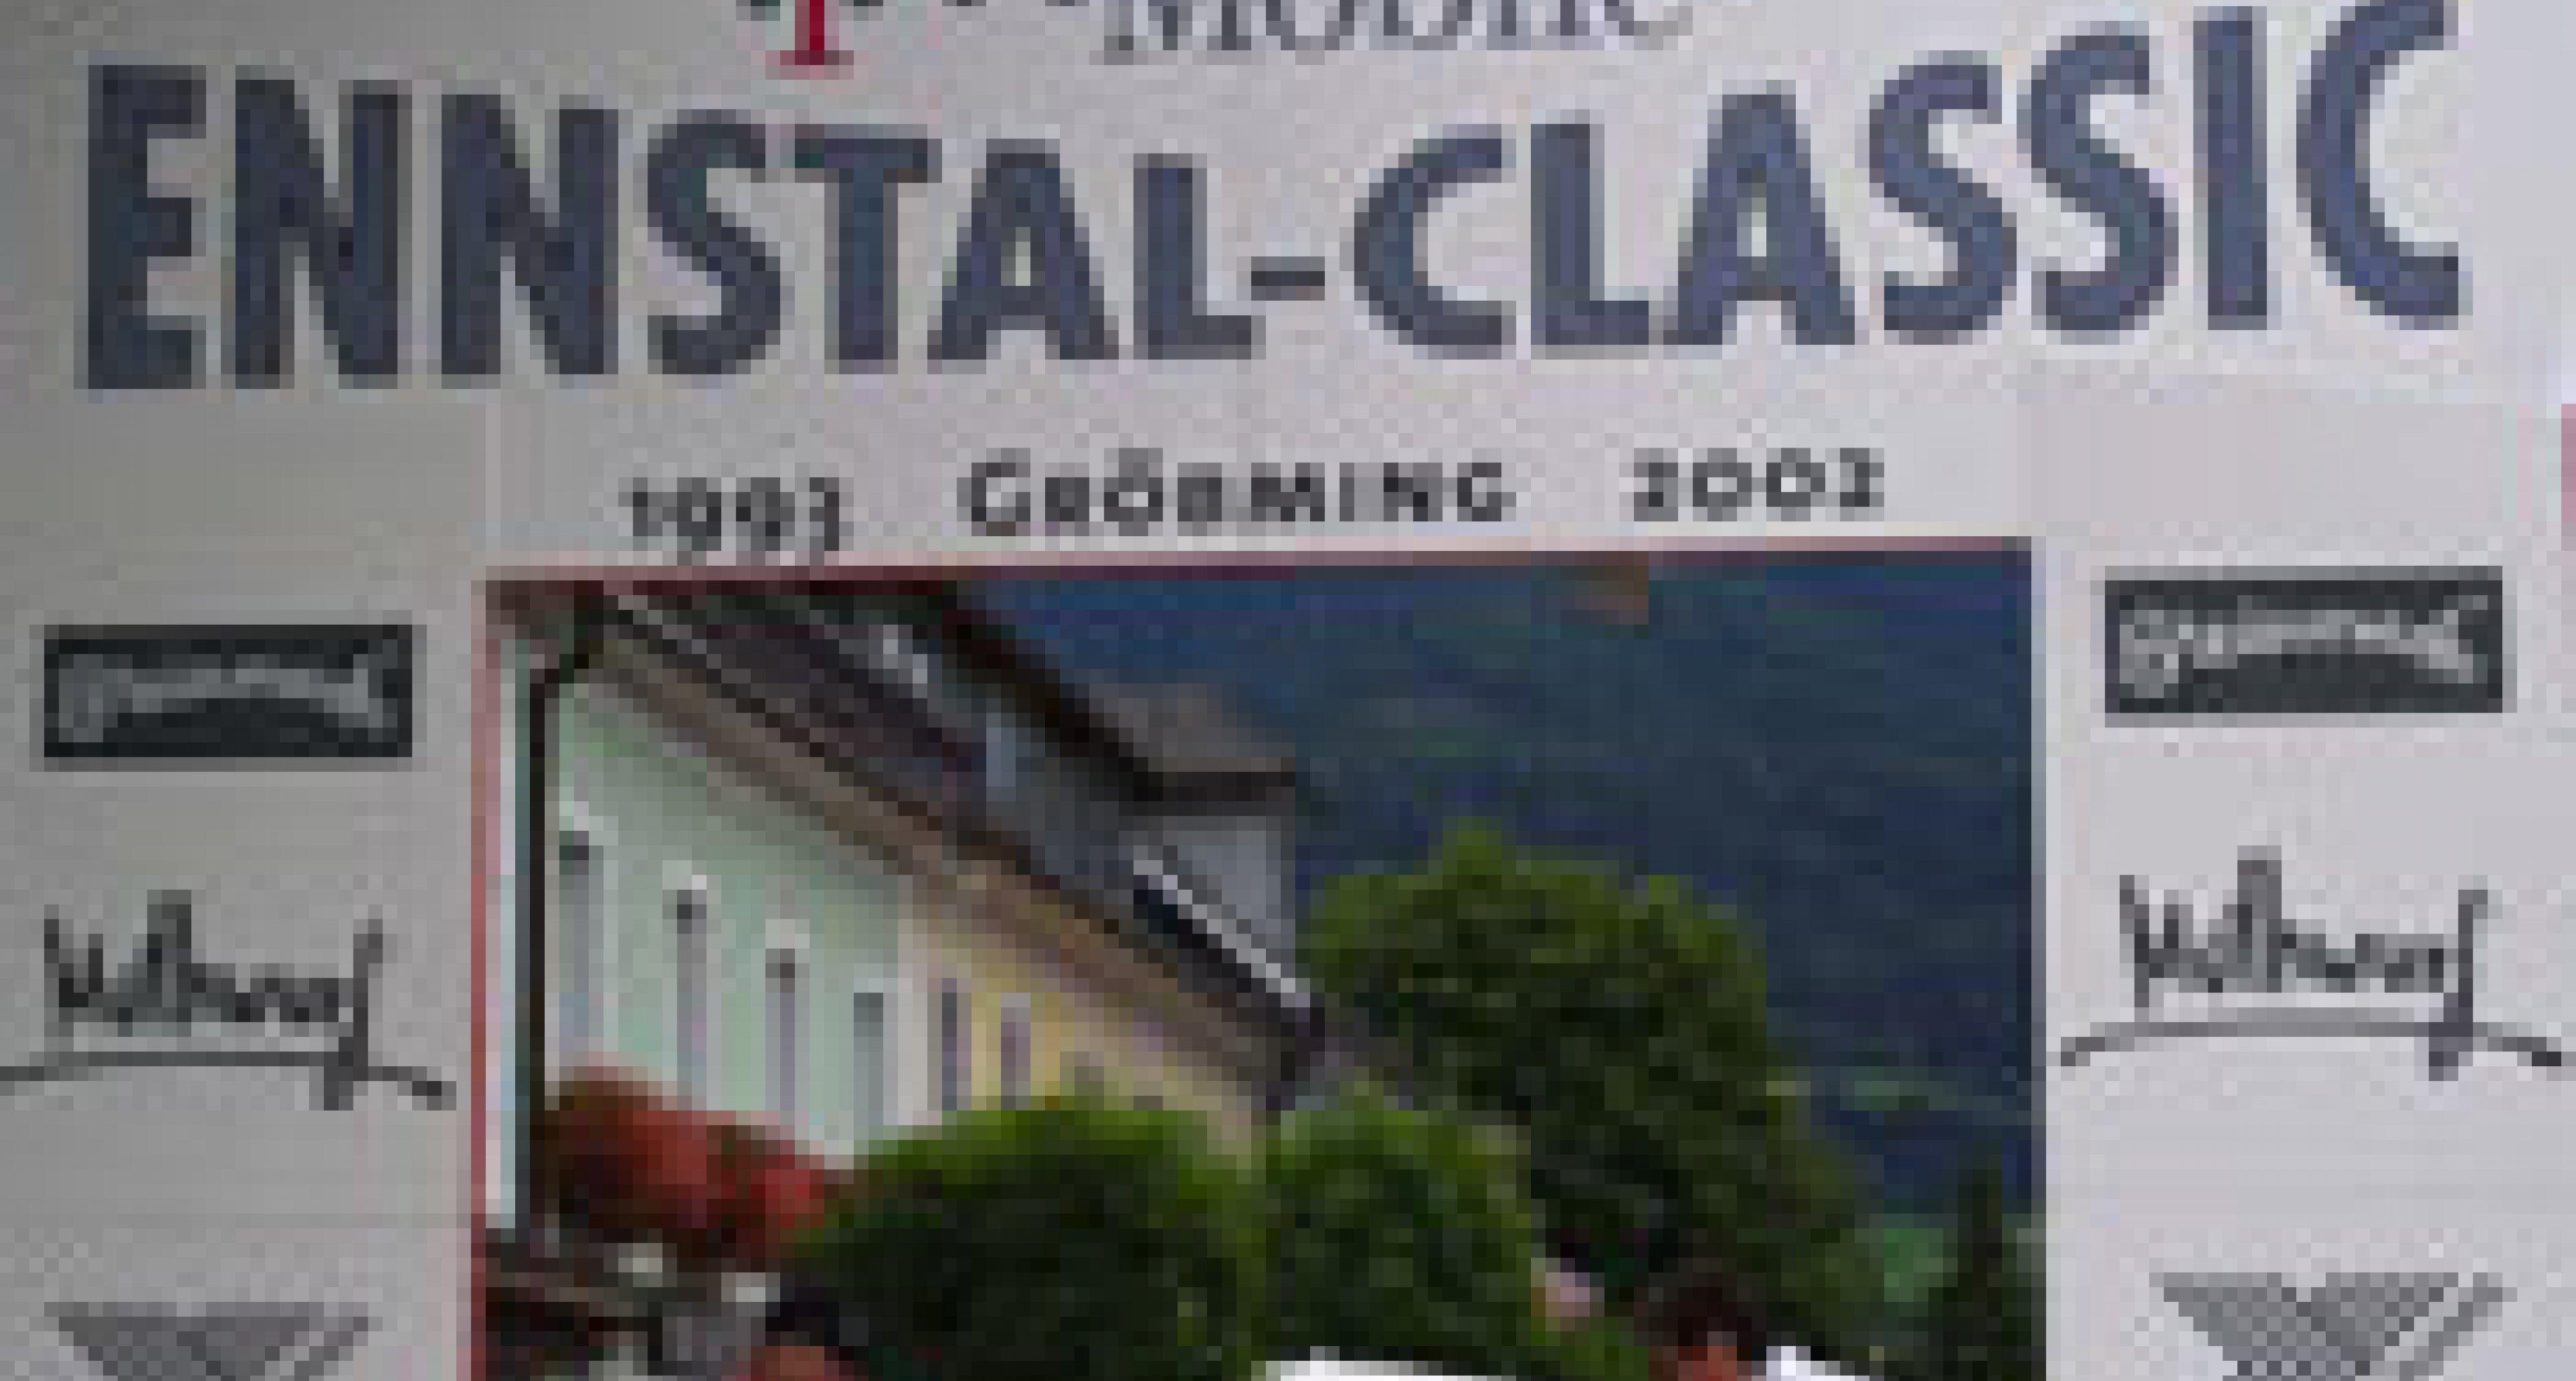 Vorschau – Ennstal–Classic 2003